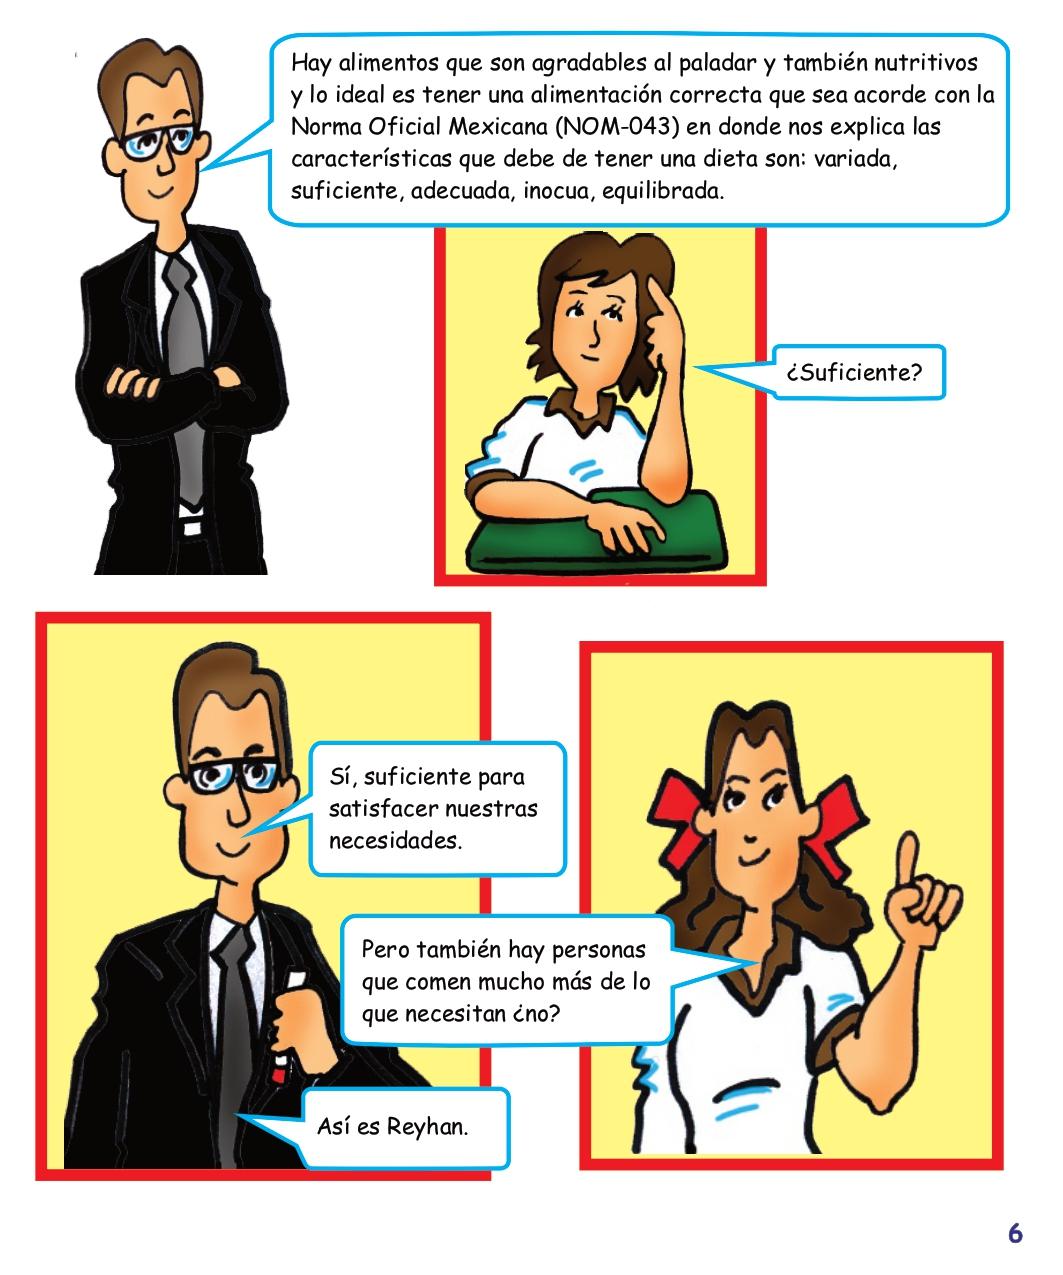 Psicología adolescentes Reyhan cap1 digital_page-0009